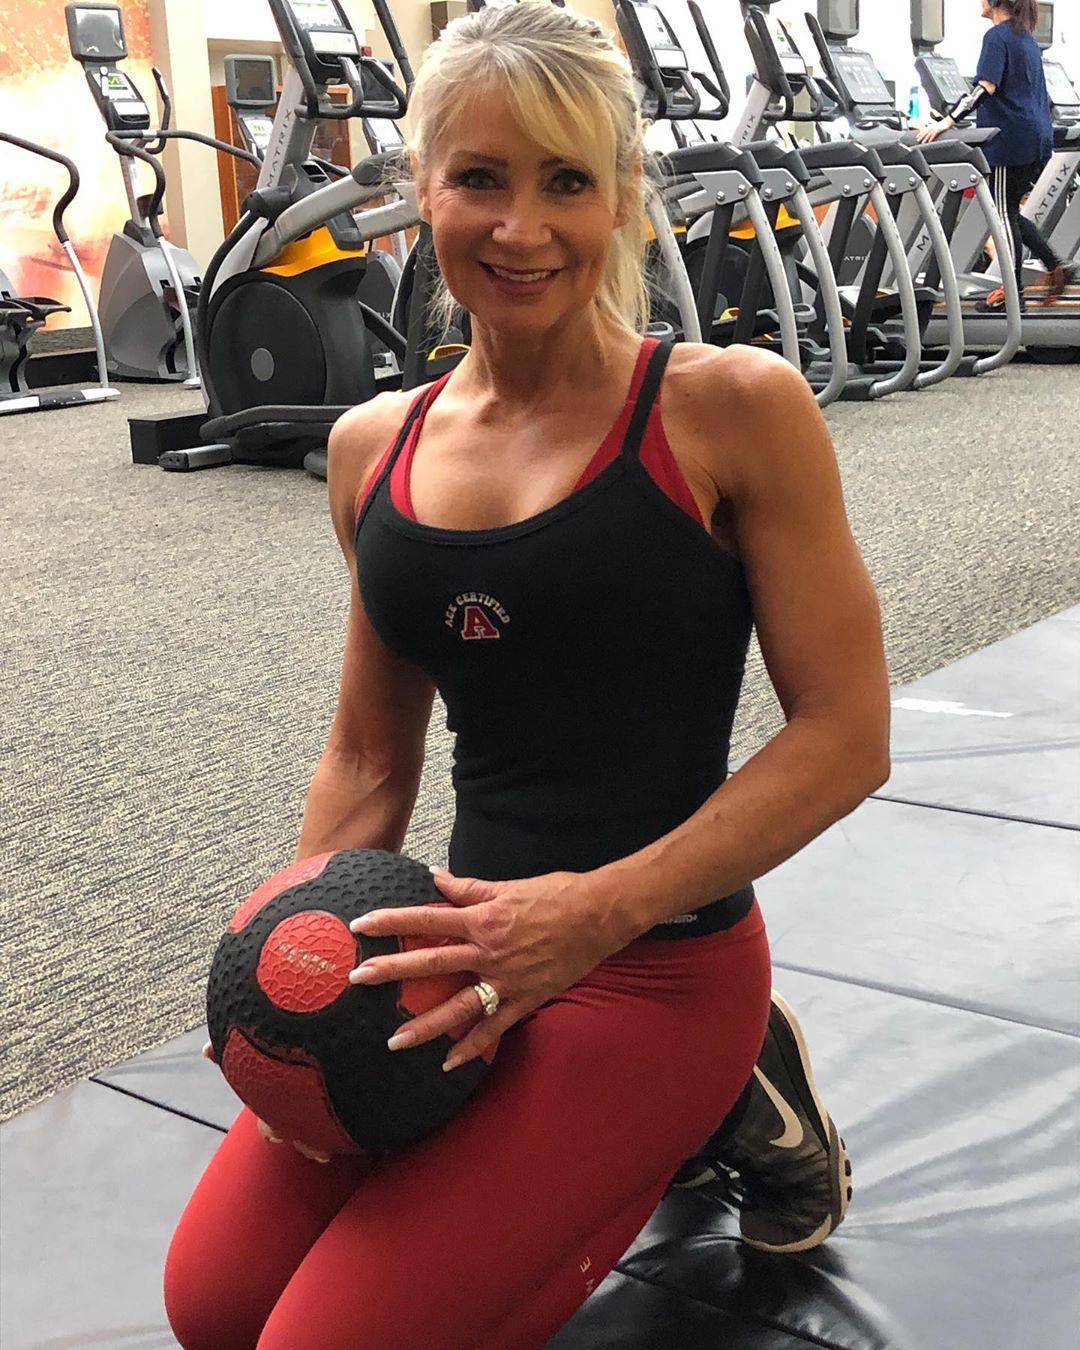 Этой женщине 62 года, но она даст фору любой молодой девушке с такими формами